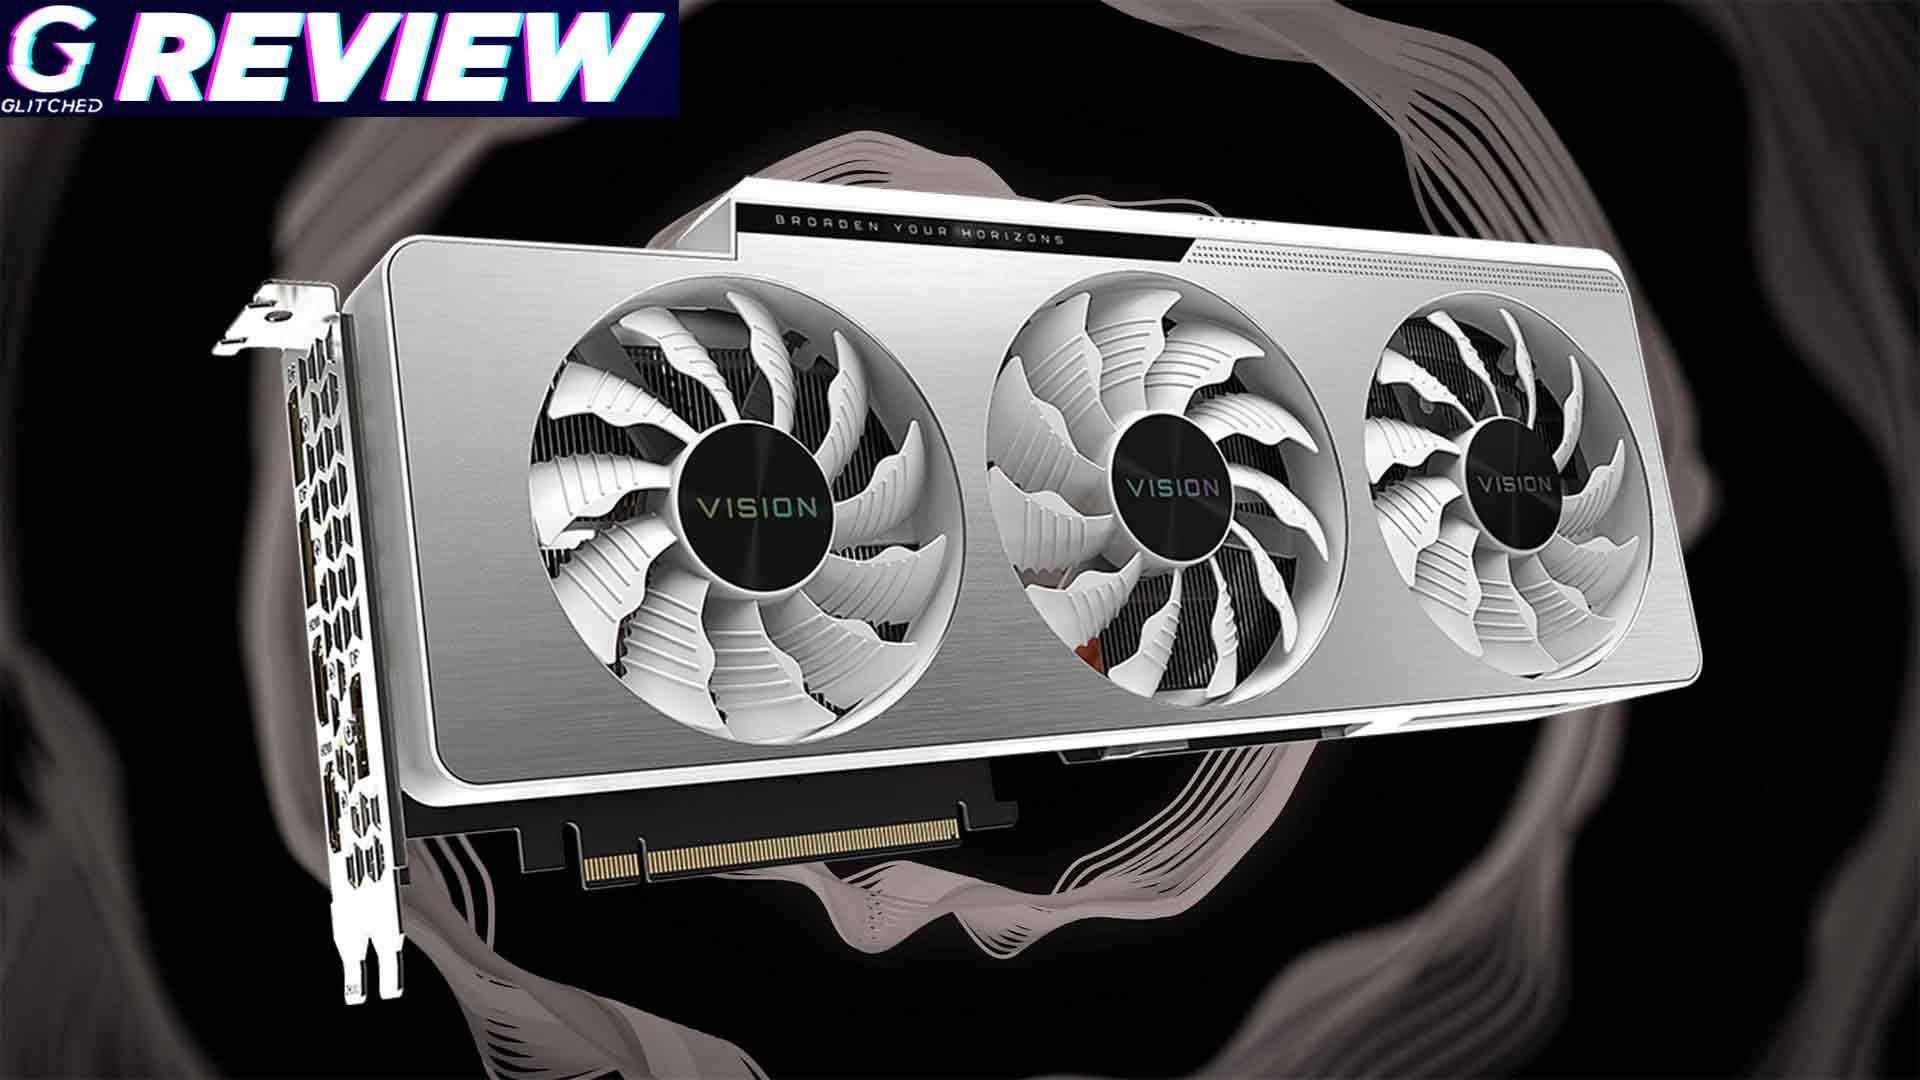 Gigabyte RTX 3080 Vision OC Review